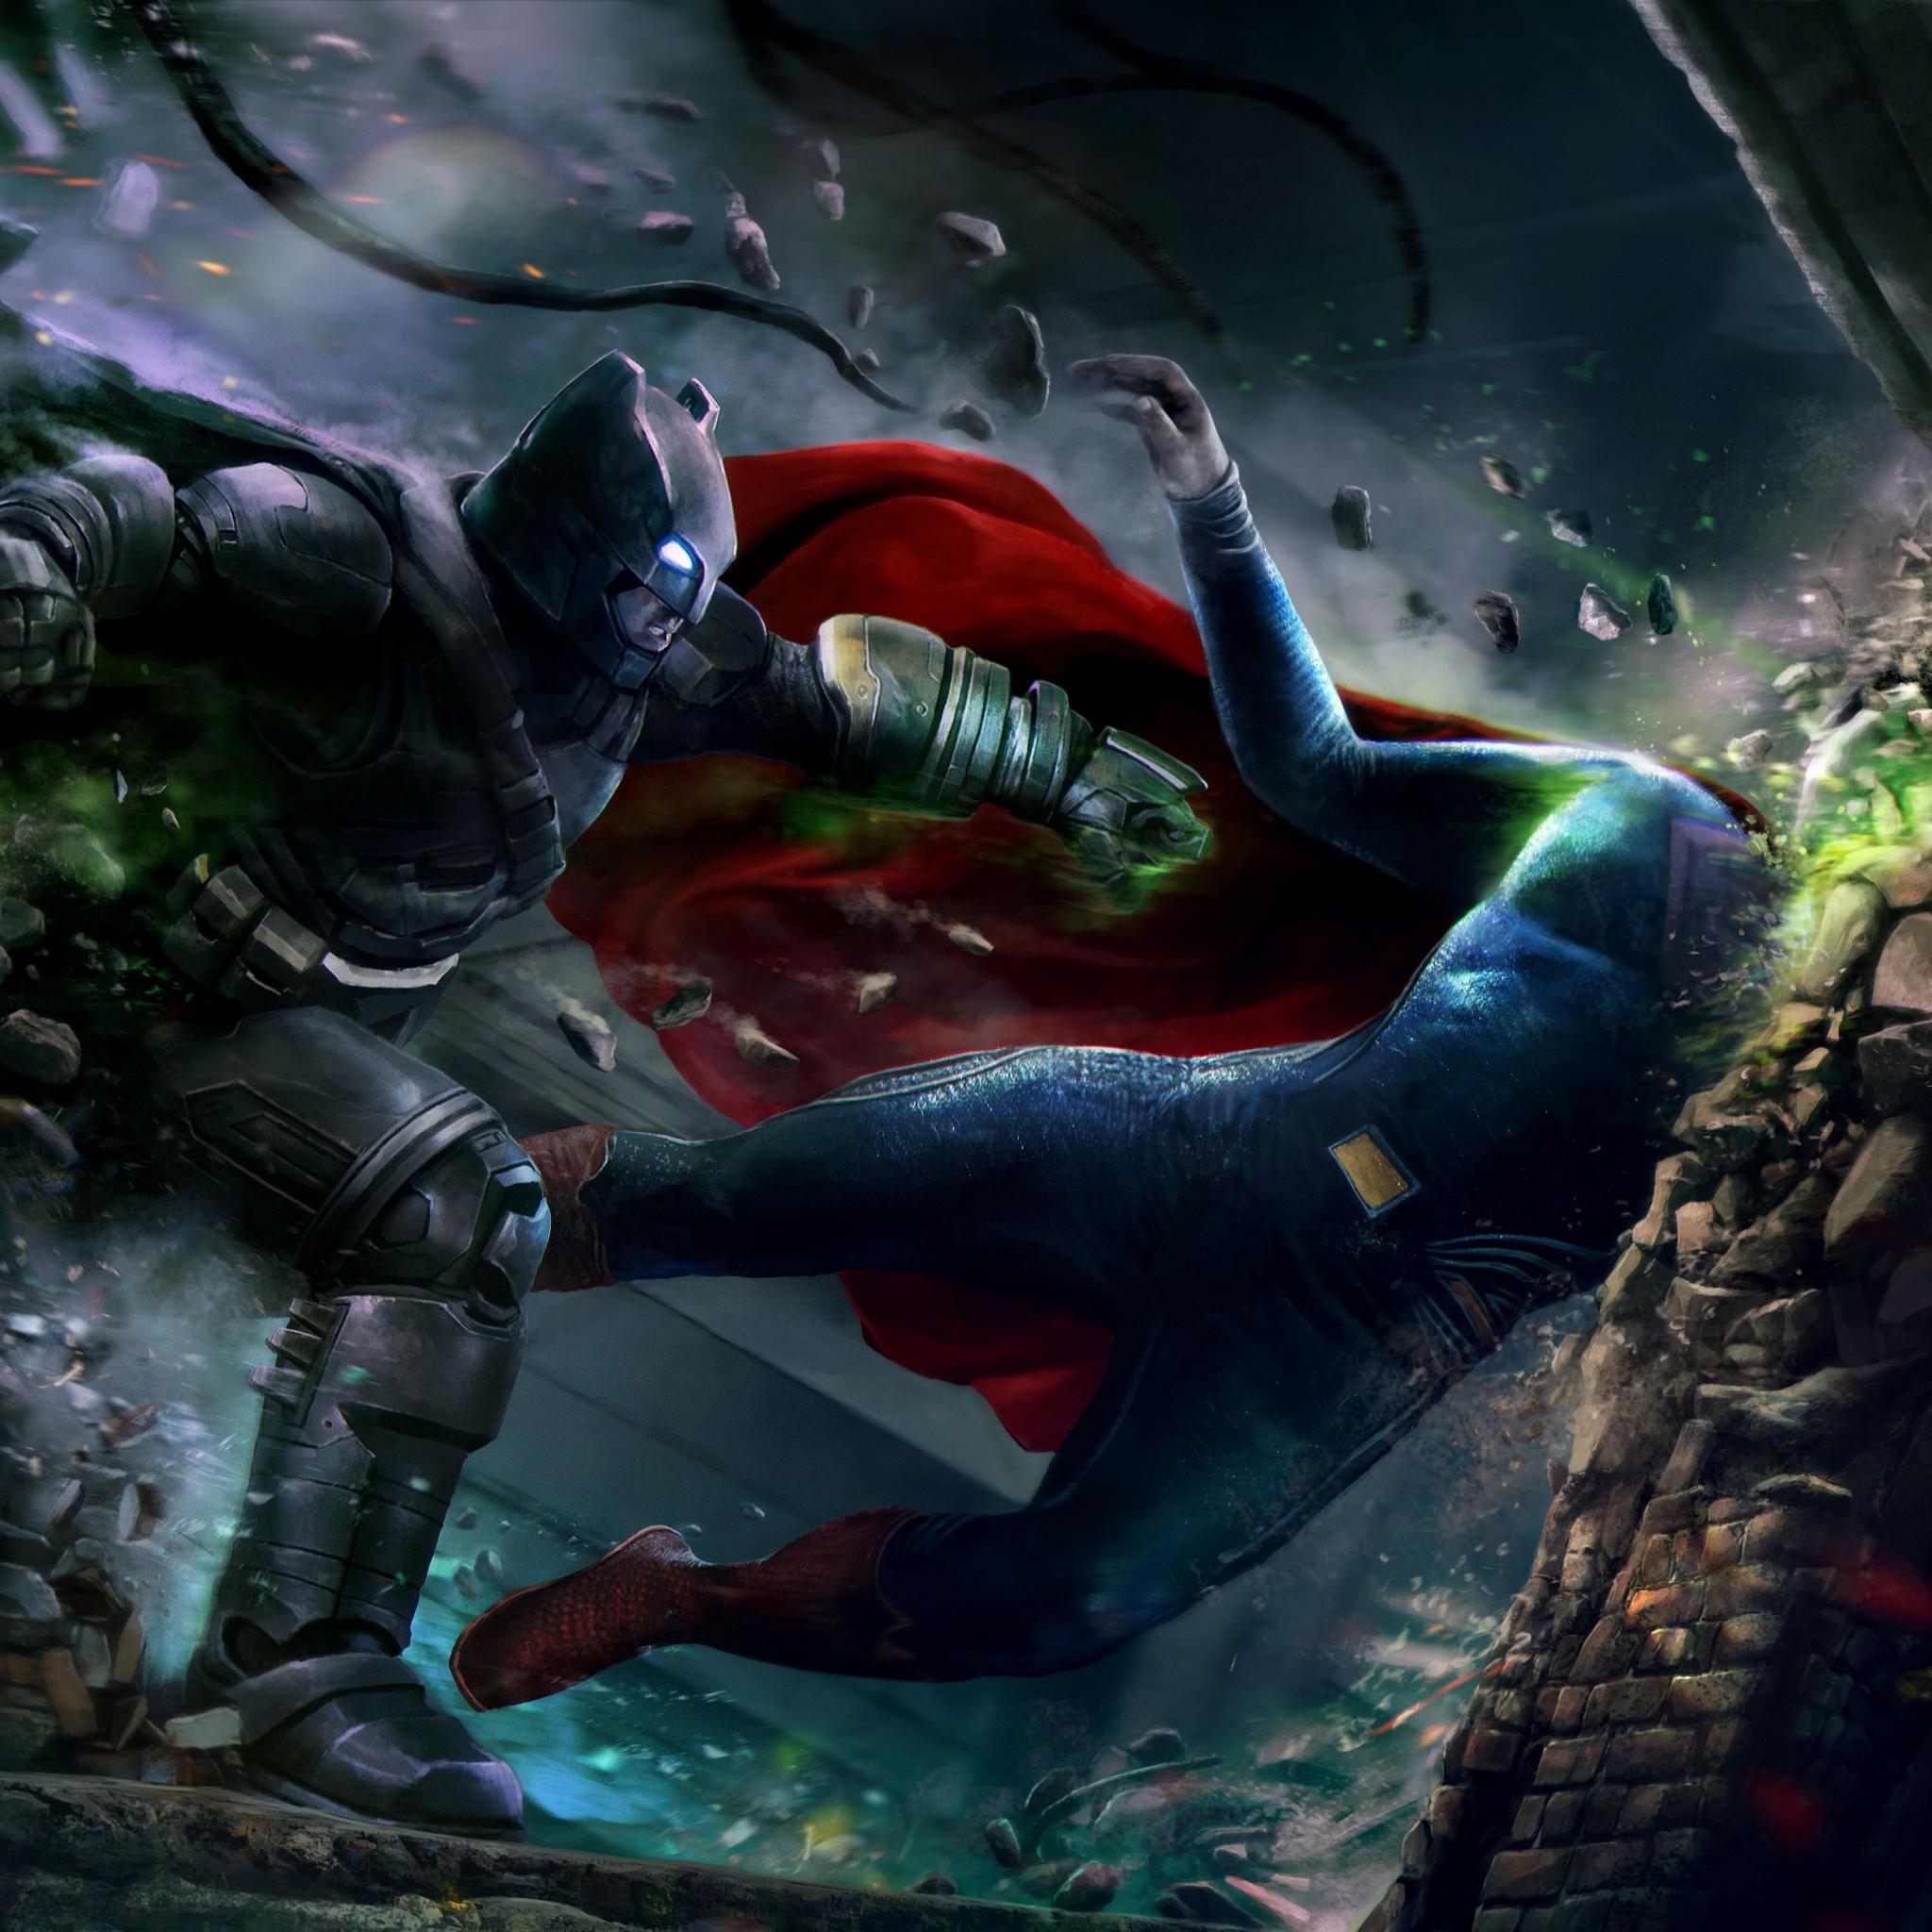 Batman Vs Superman Wallpaper